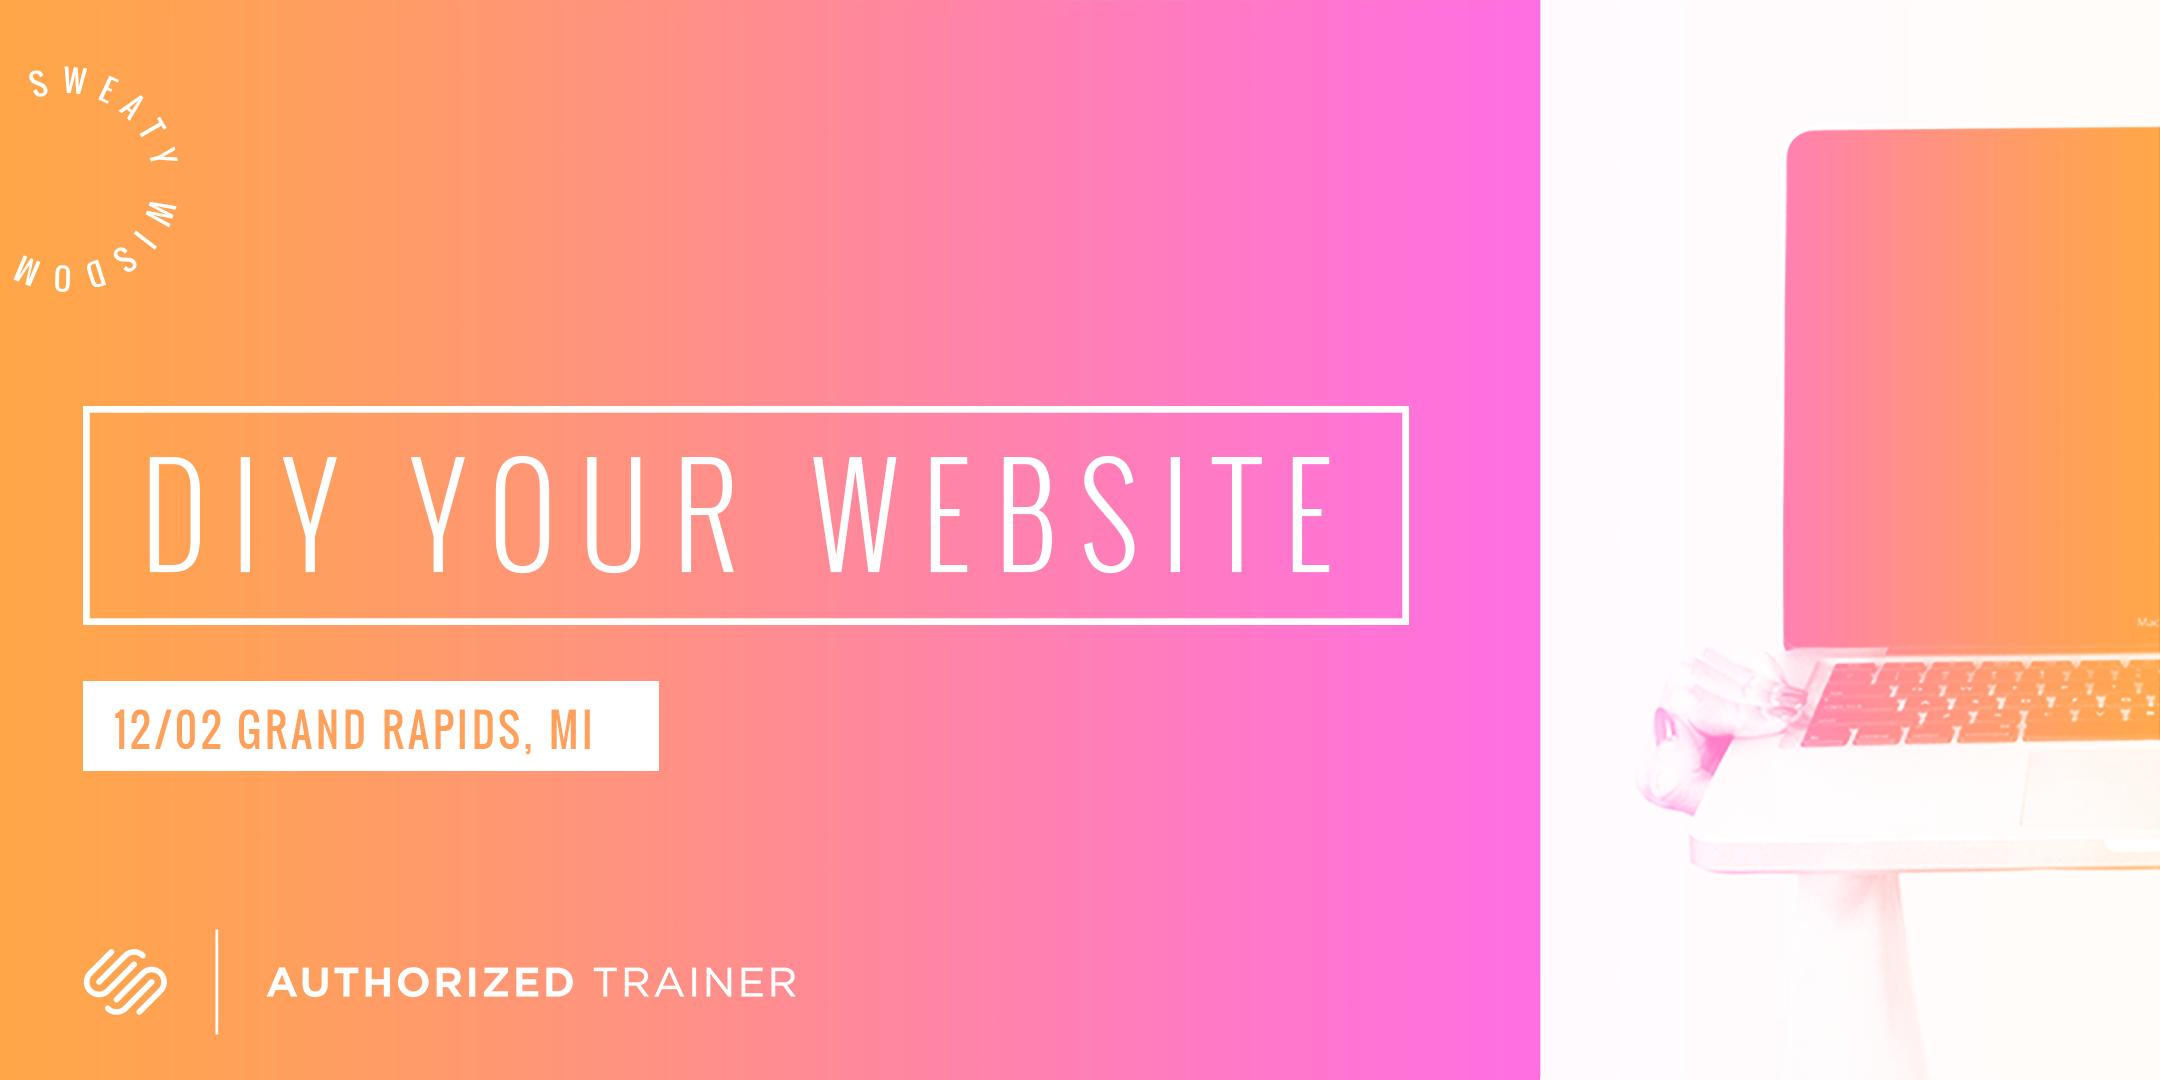 diy-your-website.png